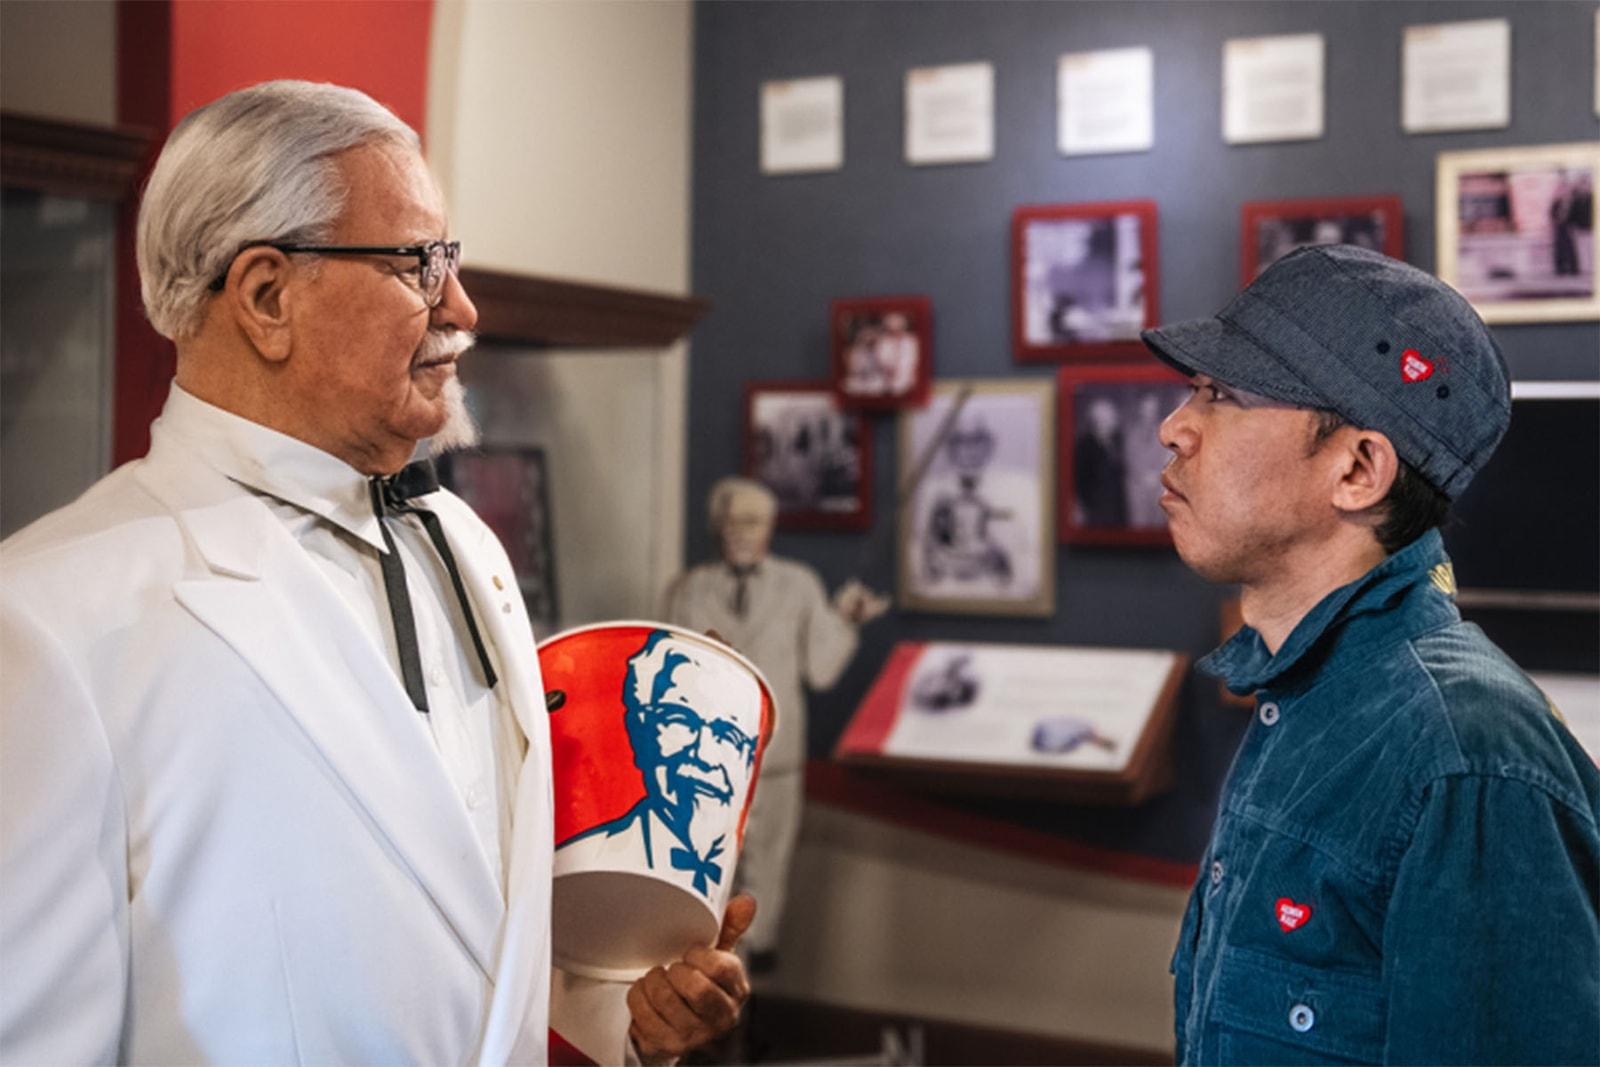 ジョーダンとアイバーソンの知られざる秘話からアメコミ界の巨匠スタン・リーの訃報、NIGO®️ x「KFC」による異色のコラボまで今週を総ざらい